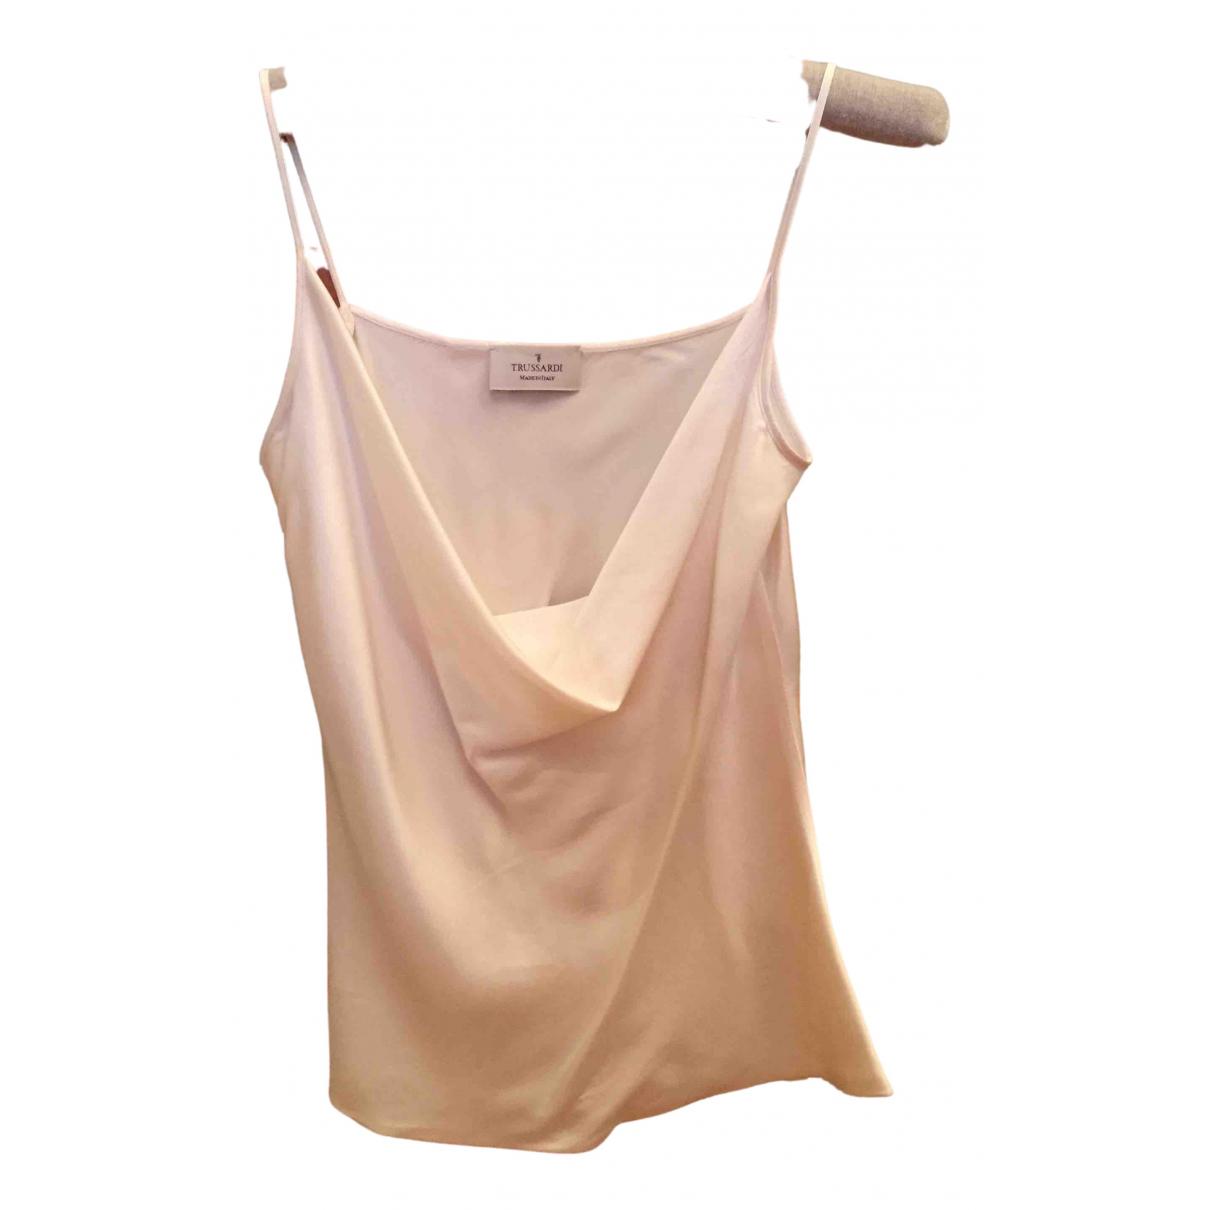 Trussardi - Top   pour femme en soie - blanc